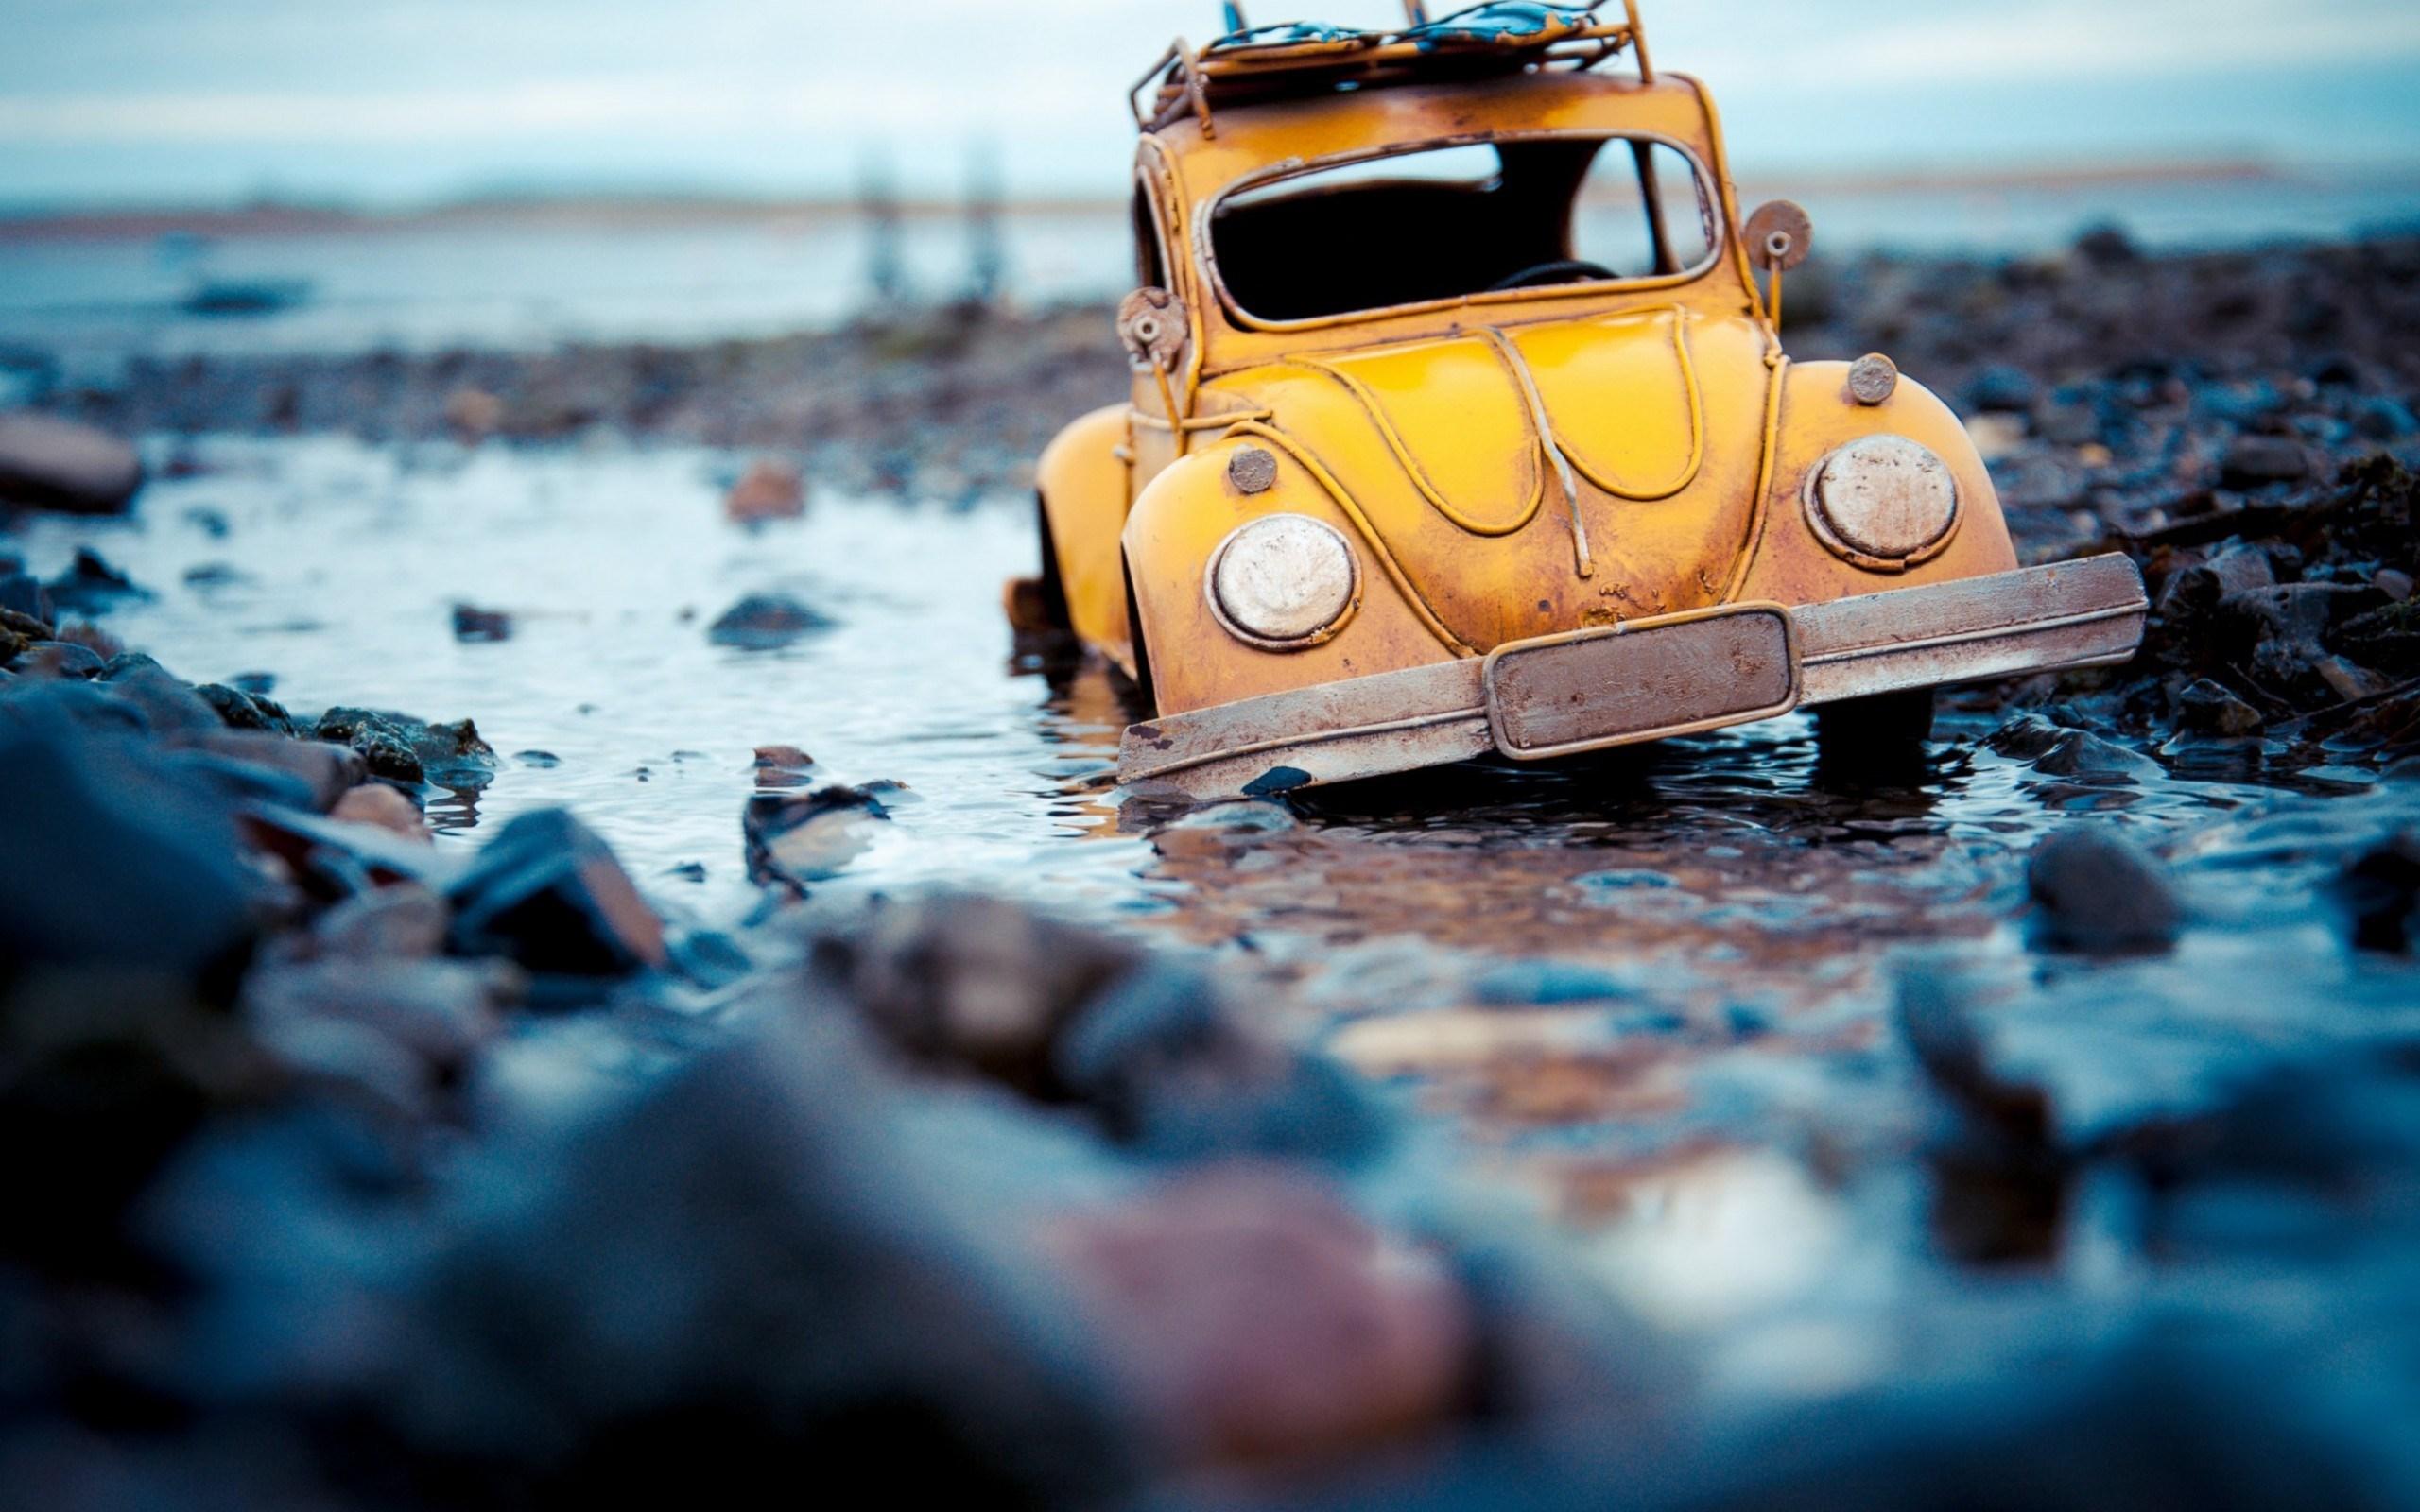 volkswagen beetle oyuncak su talar duygudurum HD duvar kad 2560x1600